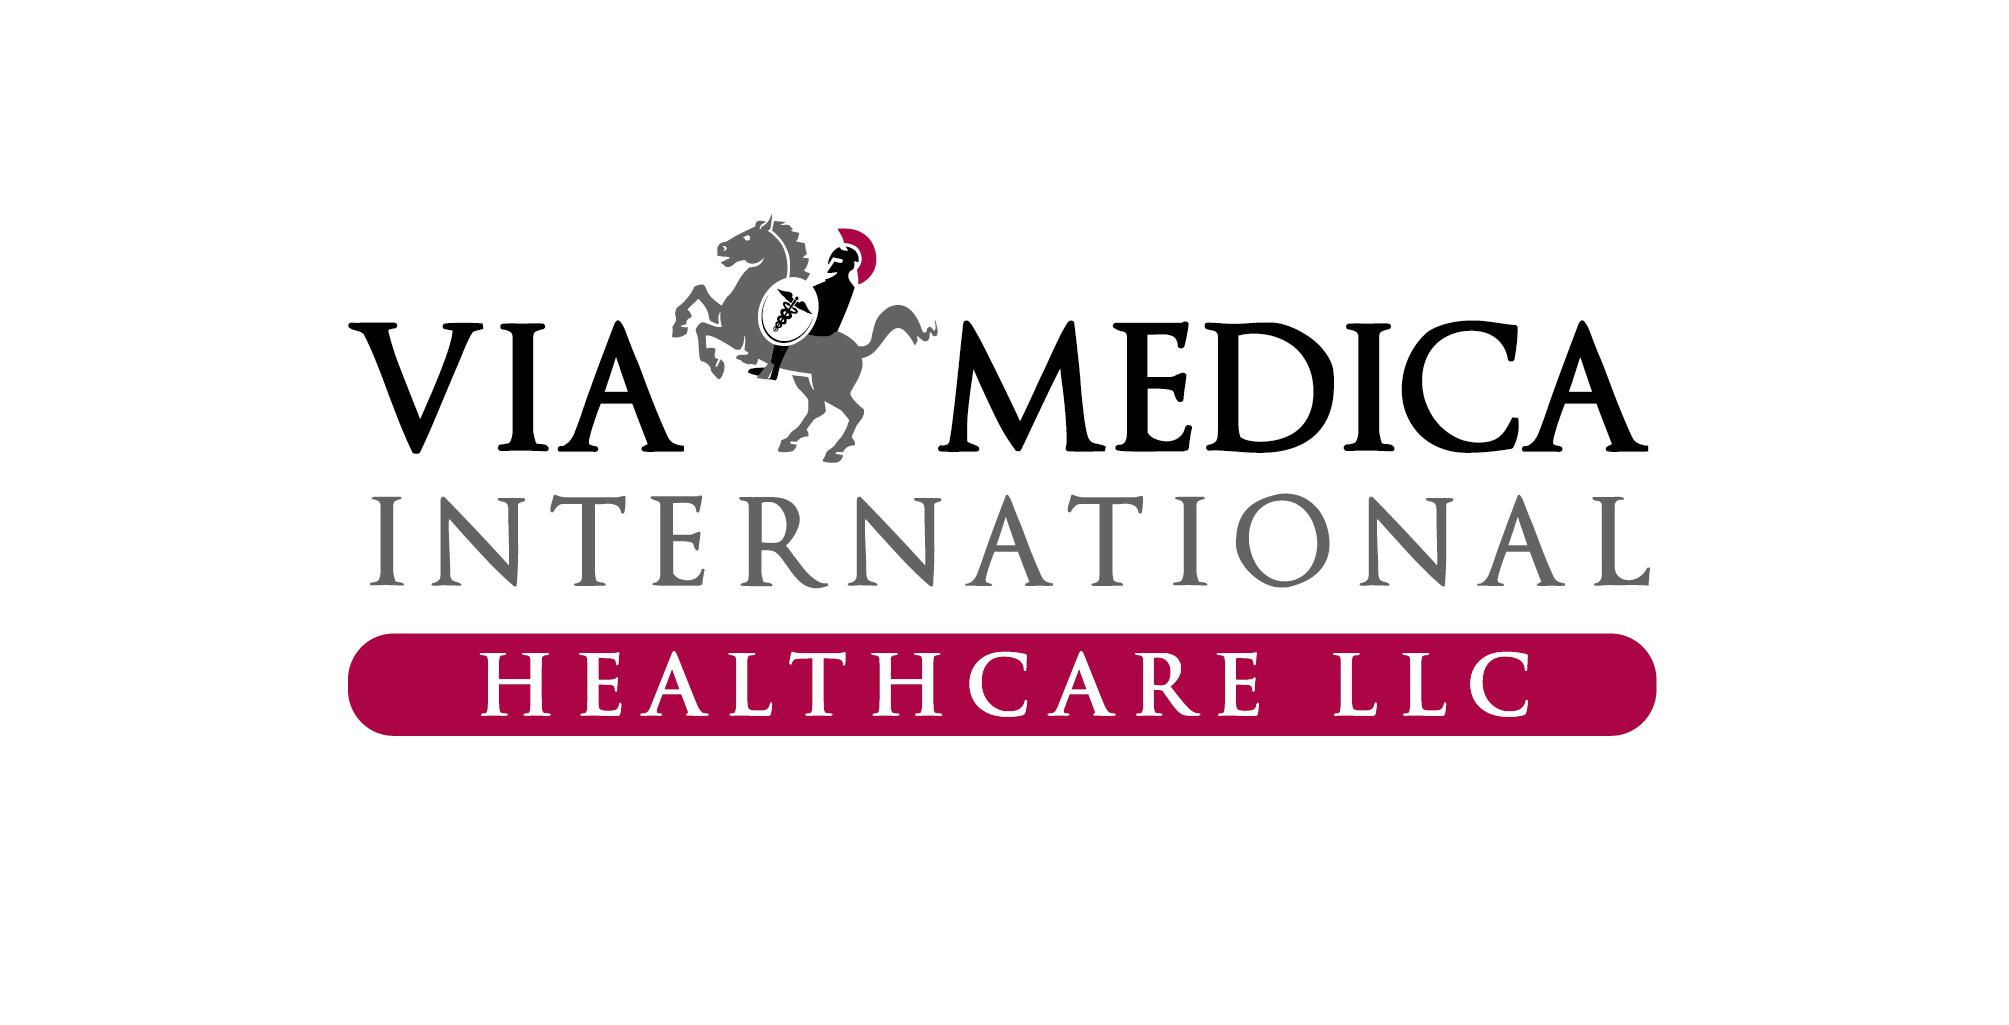 Via Medica International Healthcare L L C  - Company employment